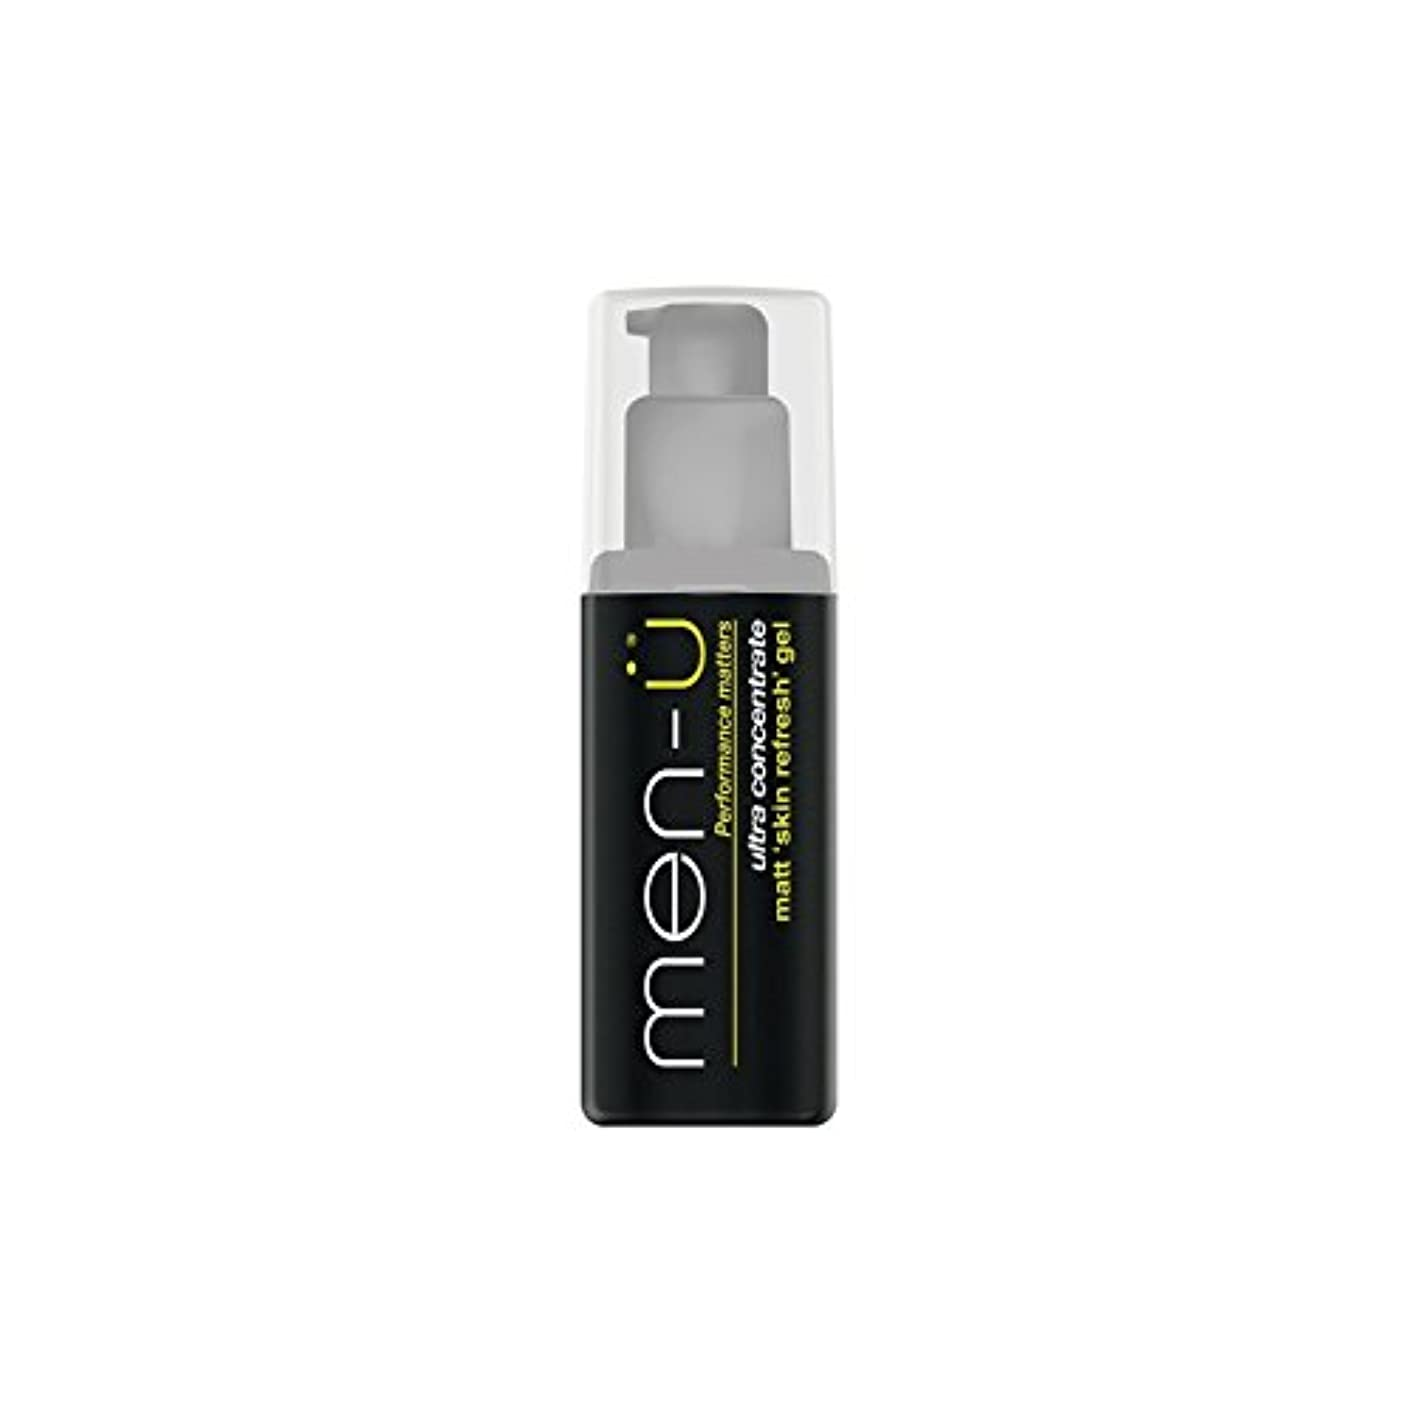 スチール通行料金ワームMen-? Matt Skin Refresh Gel (100ml) (Pack of 6) - 男性-?マット肌のリフレッシュジェル(100)に x6 [並行輸入品]